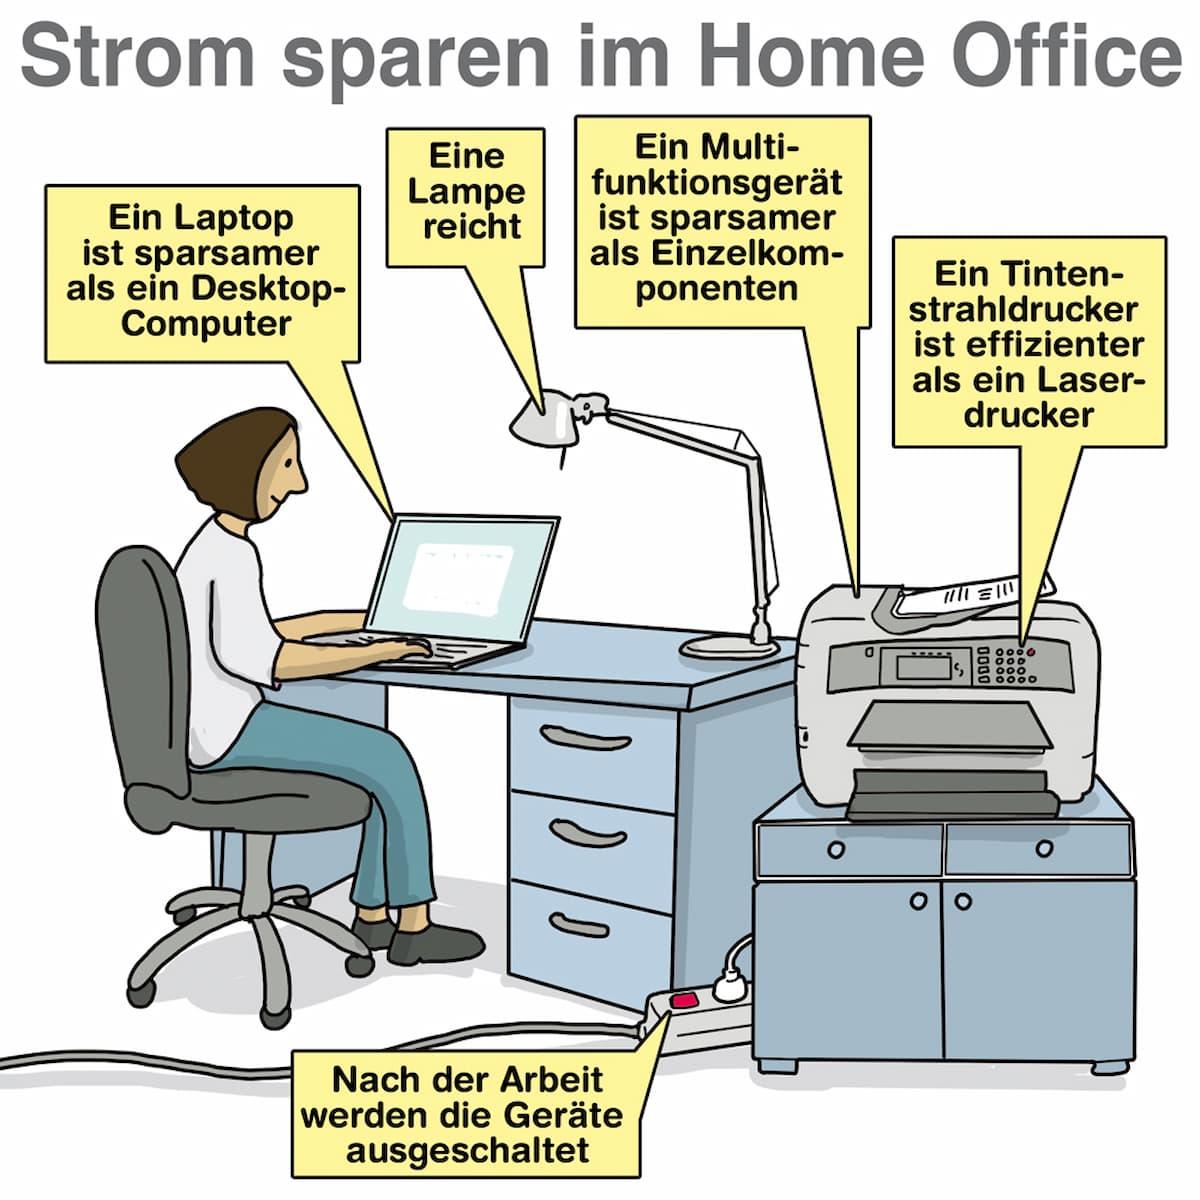 Strom sparen im Home-Office